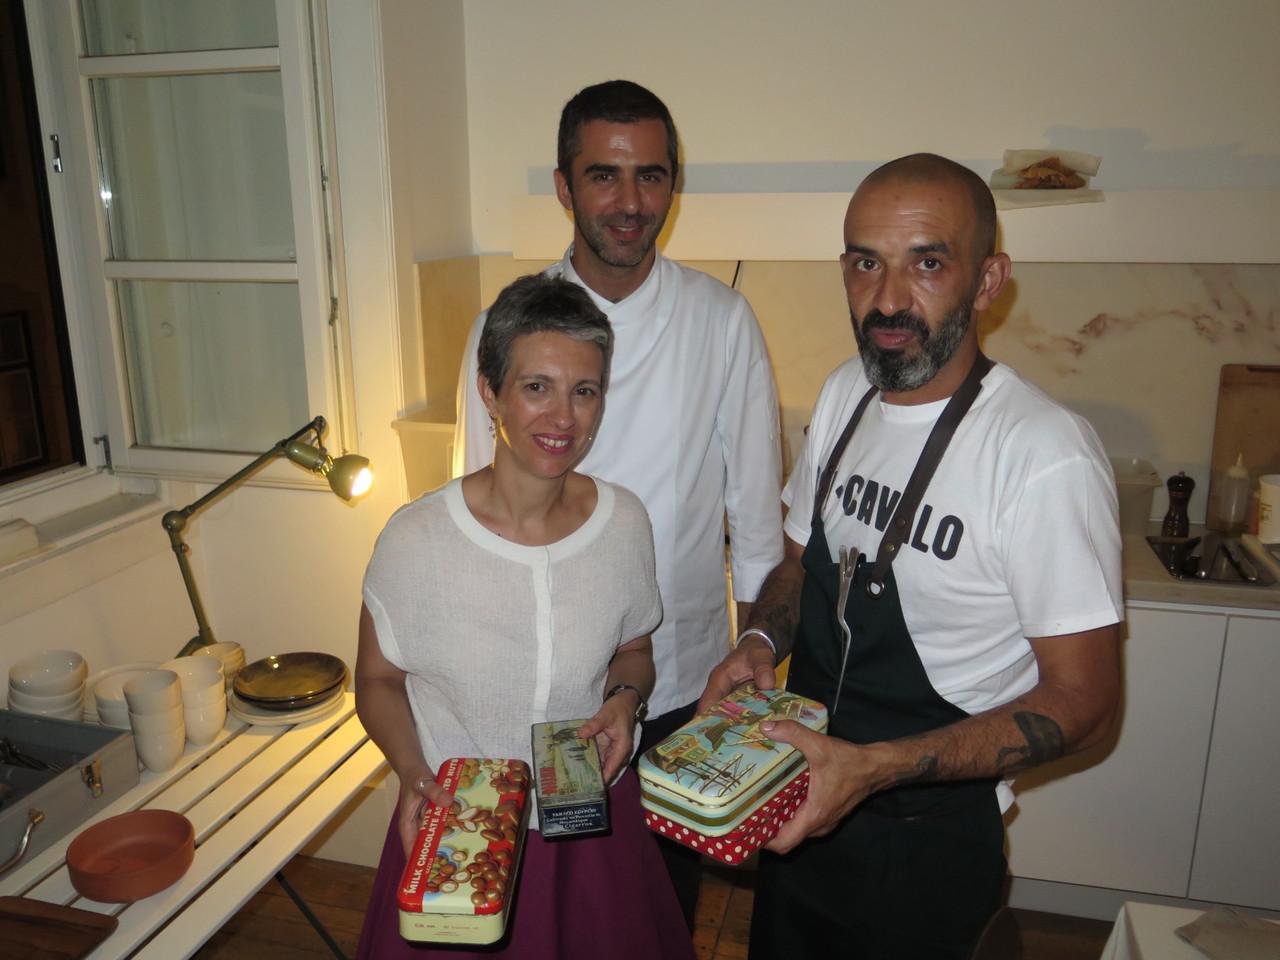 Ana Cachaço e Tiago Feio (LEOPOLD) com o convidado especial deste jantar Hugo Brito (BOI-CAVALO)